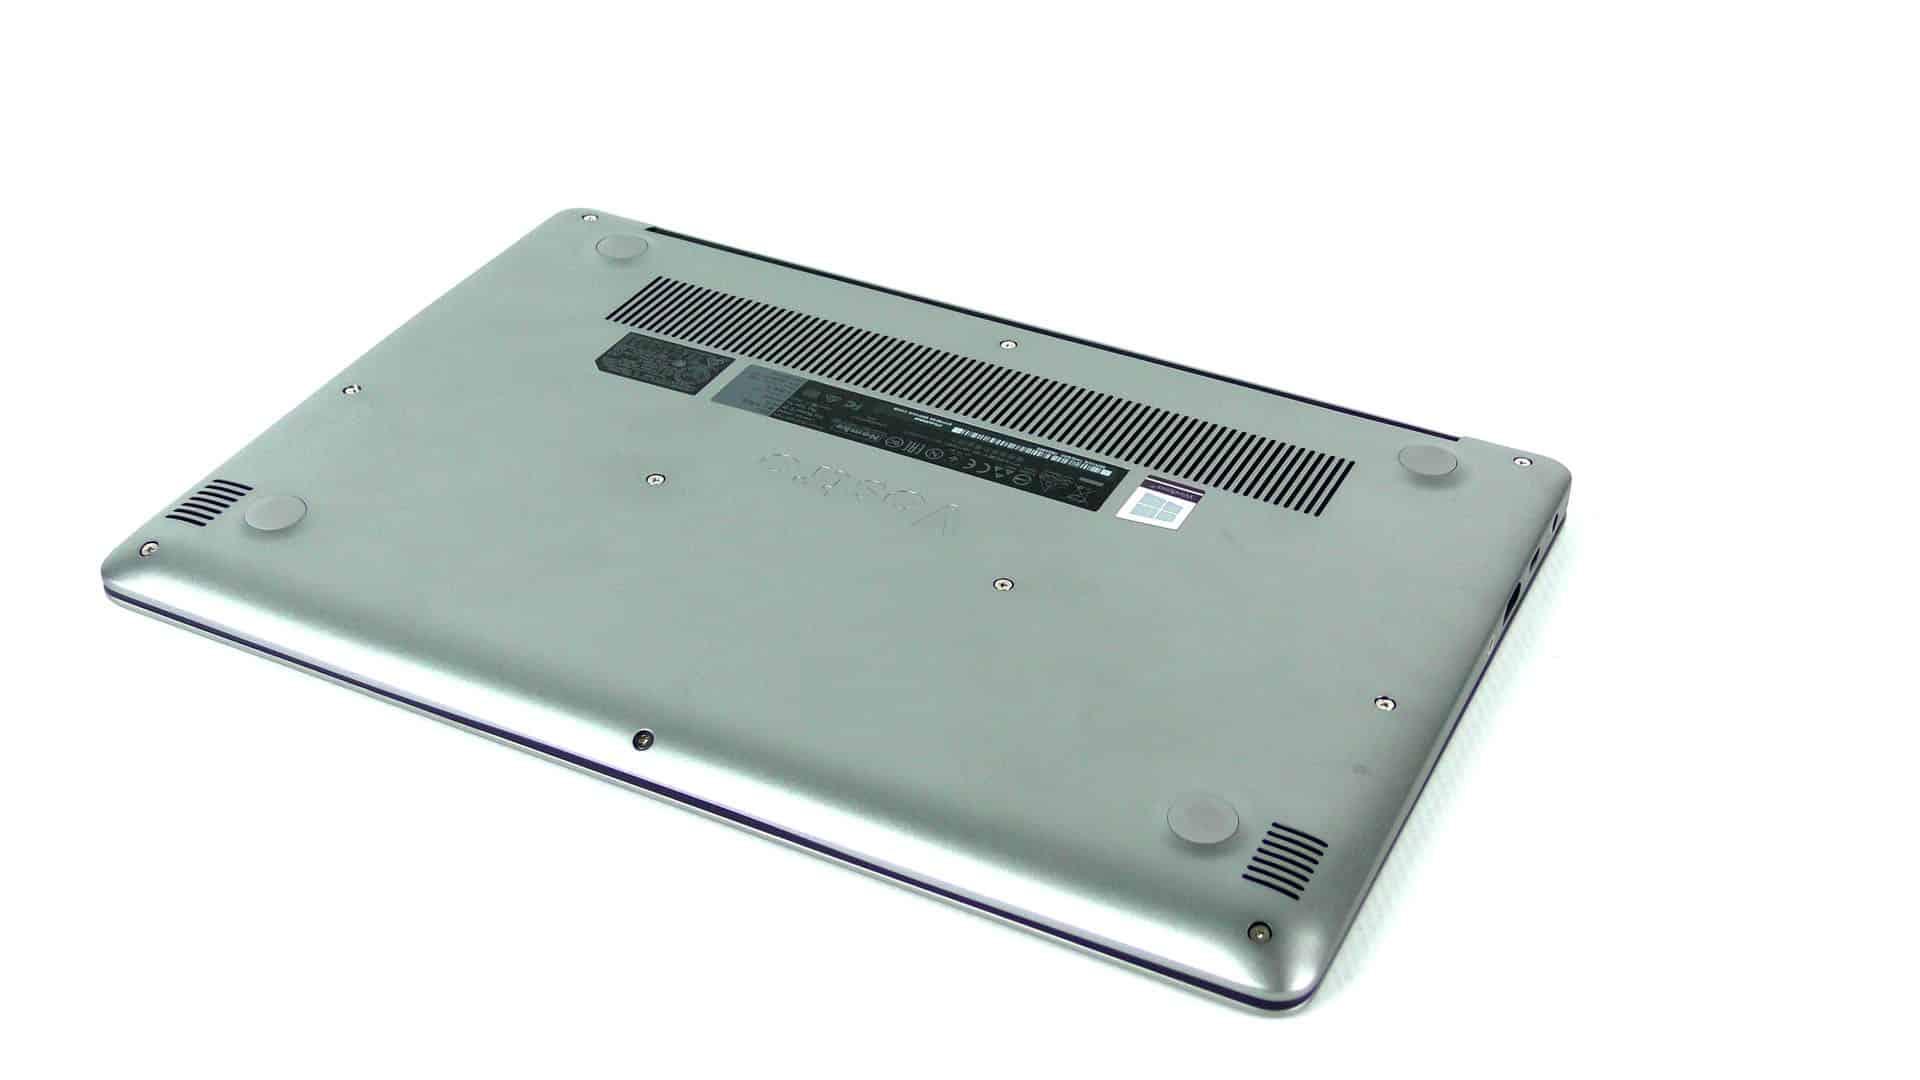 Dell Vostro 5370 - spód komputera